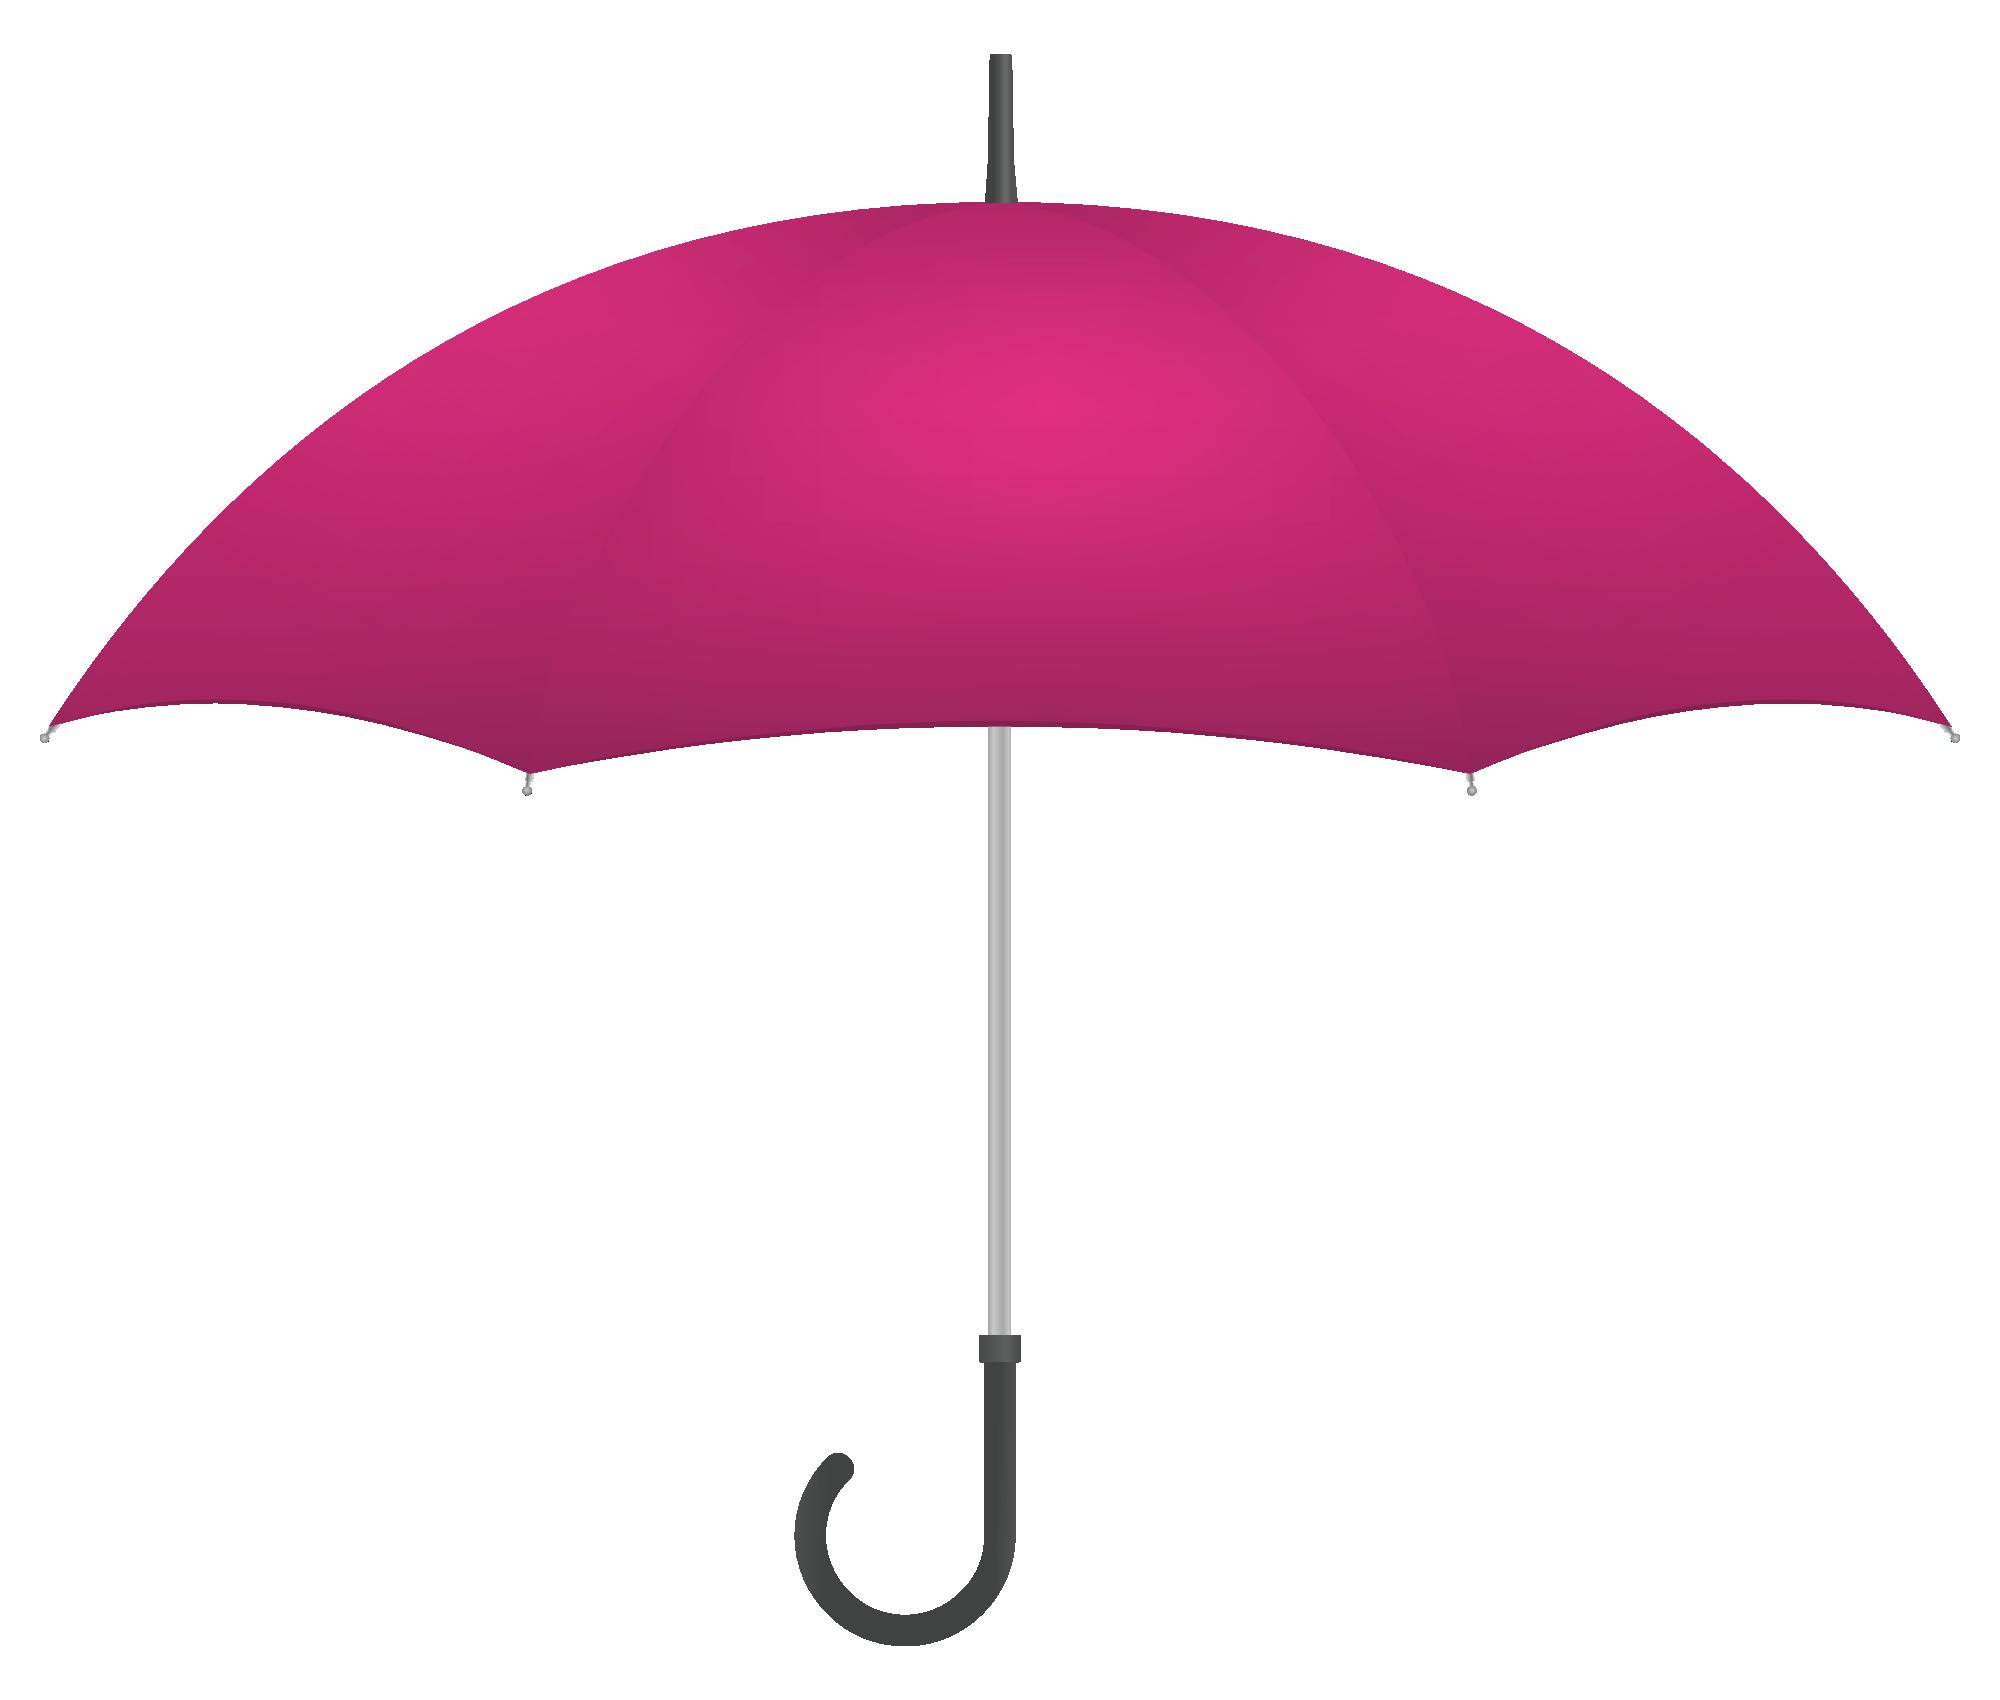 Clipart umbrella vector. Png transparent image pngpix